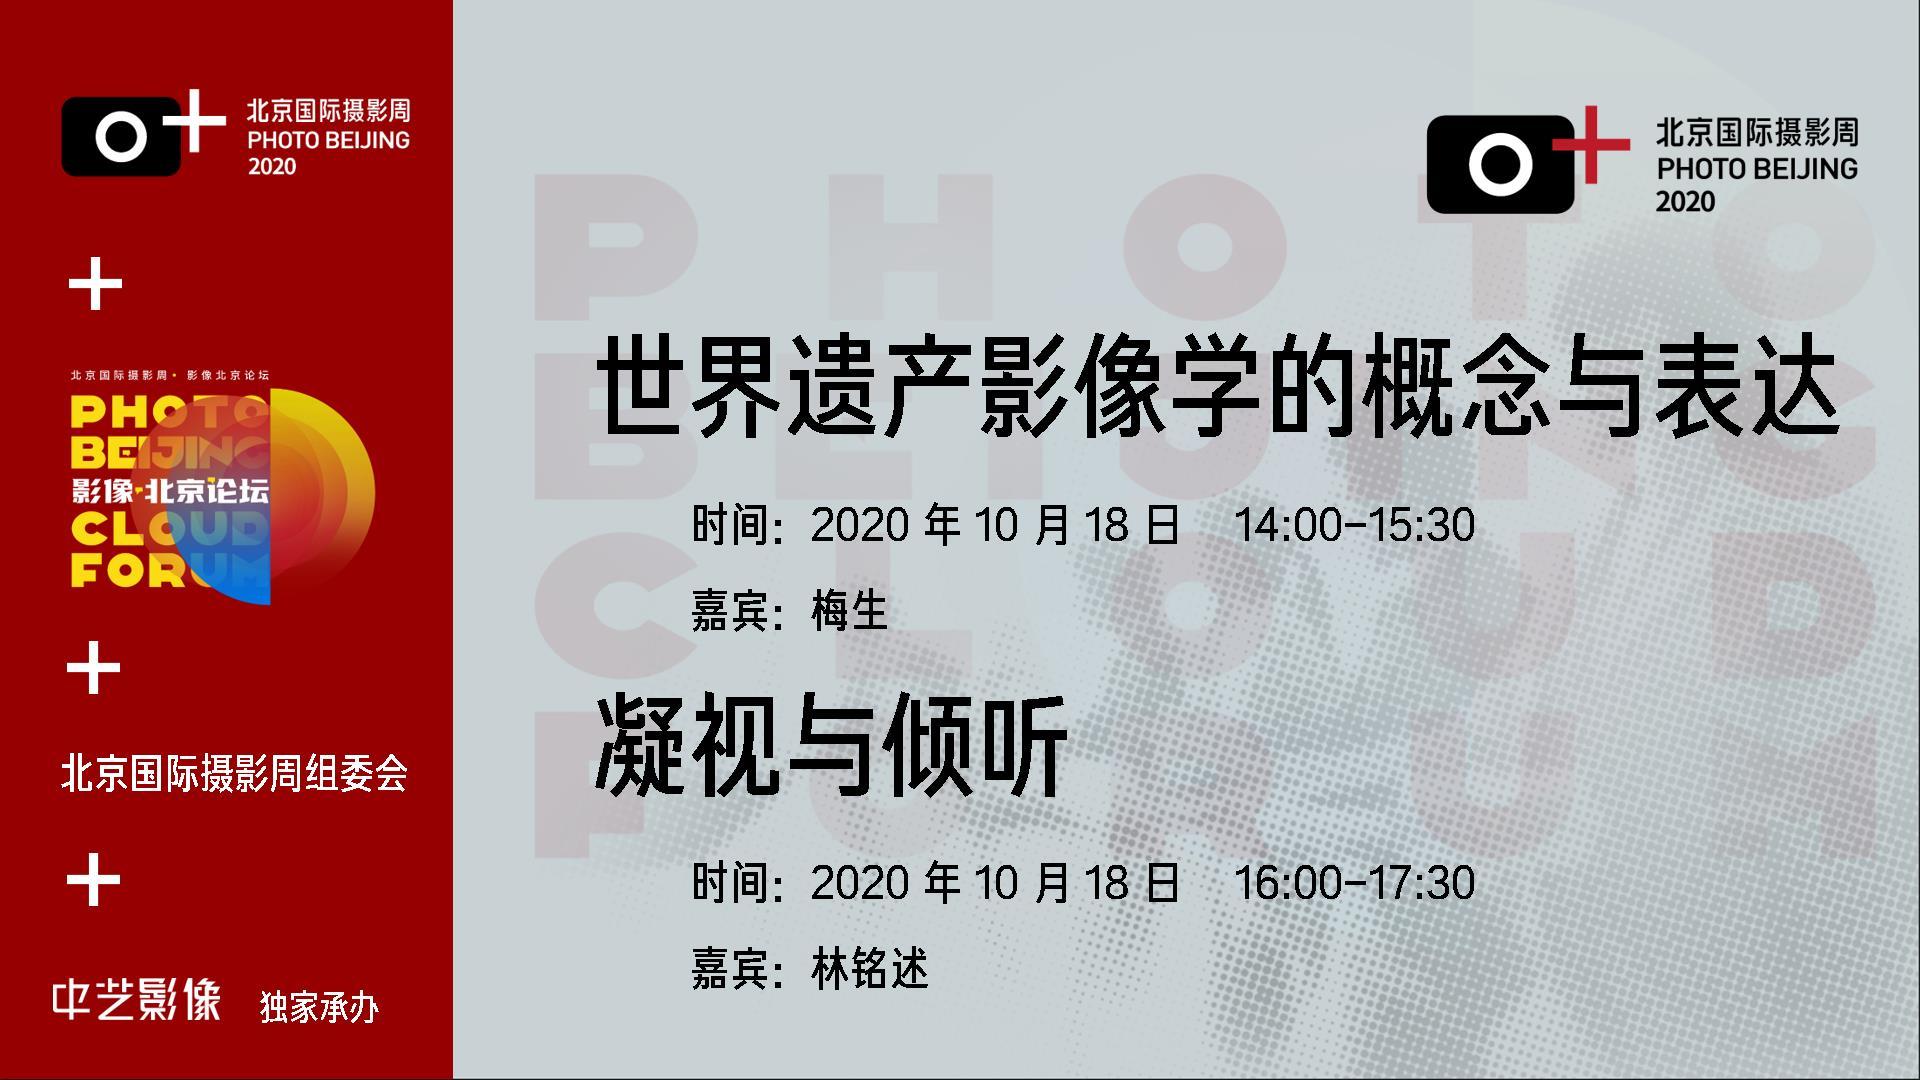 【北京国际摄影周】梅生、林铭述讲座